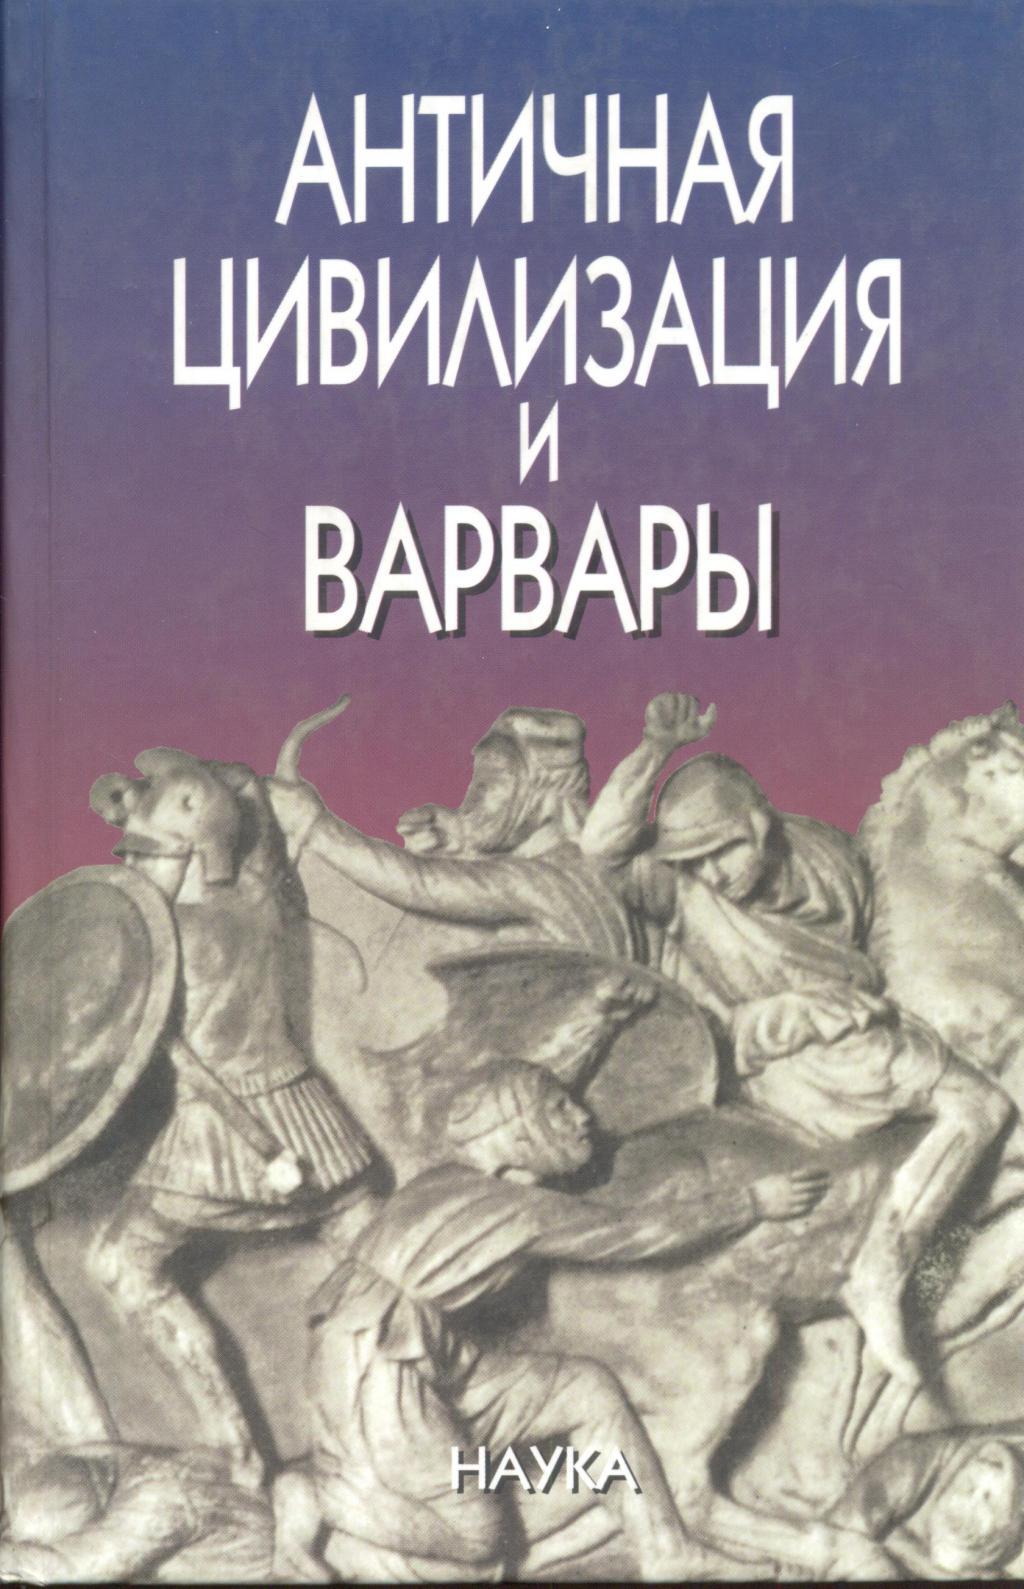 Античная цивилизация и варвары.